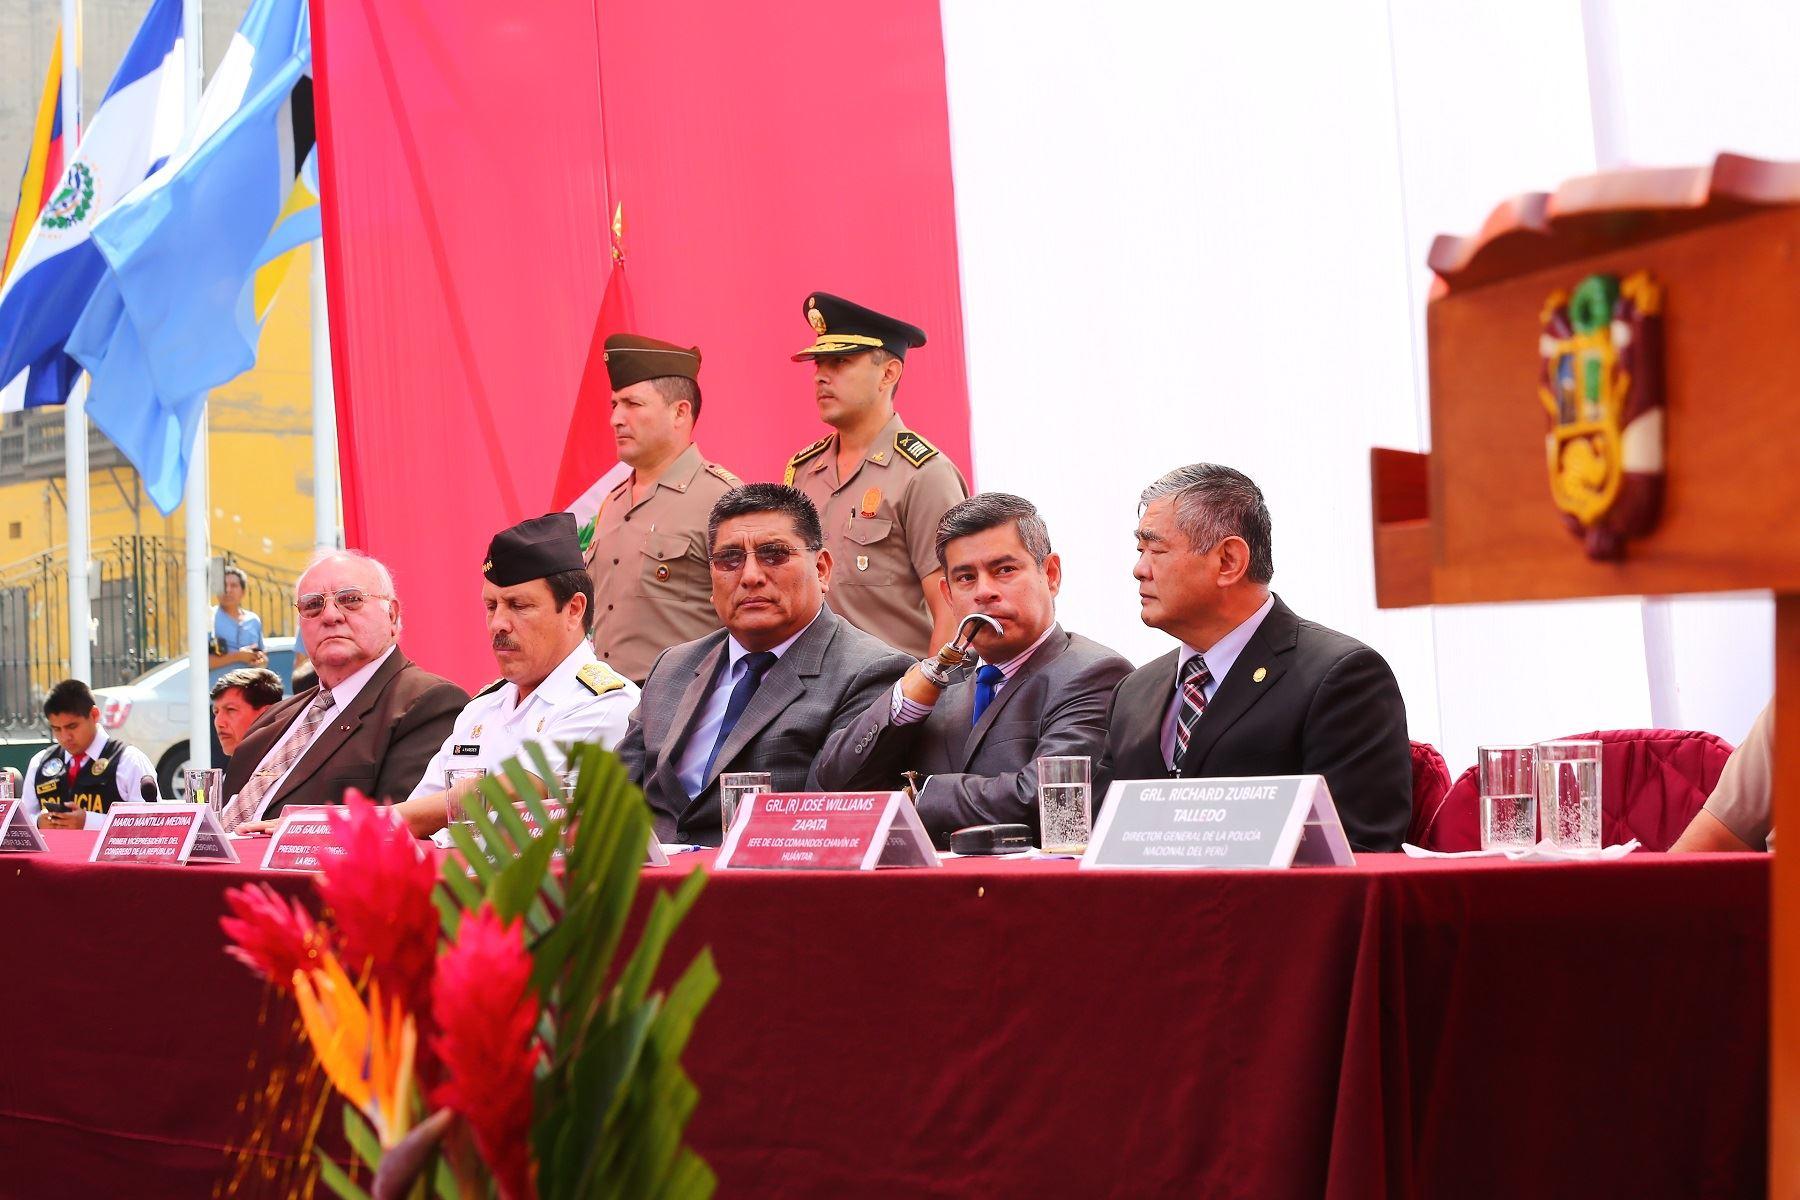 Congreso realizó homenaje a héroes de operación Chavín de Huántar. Foto. Congreso.